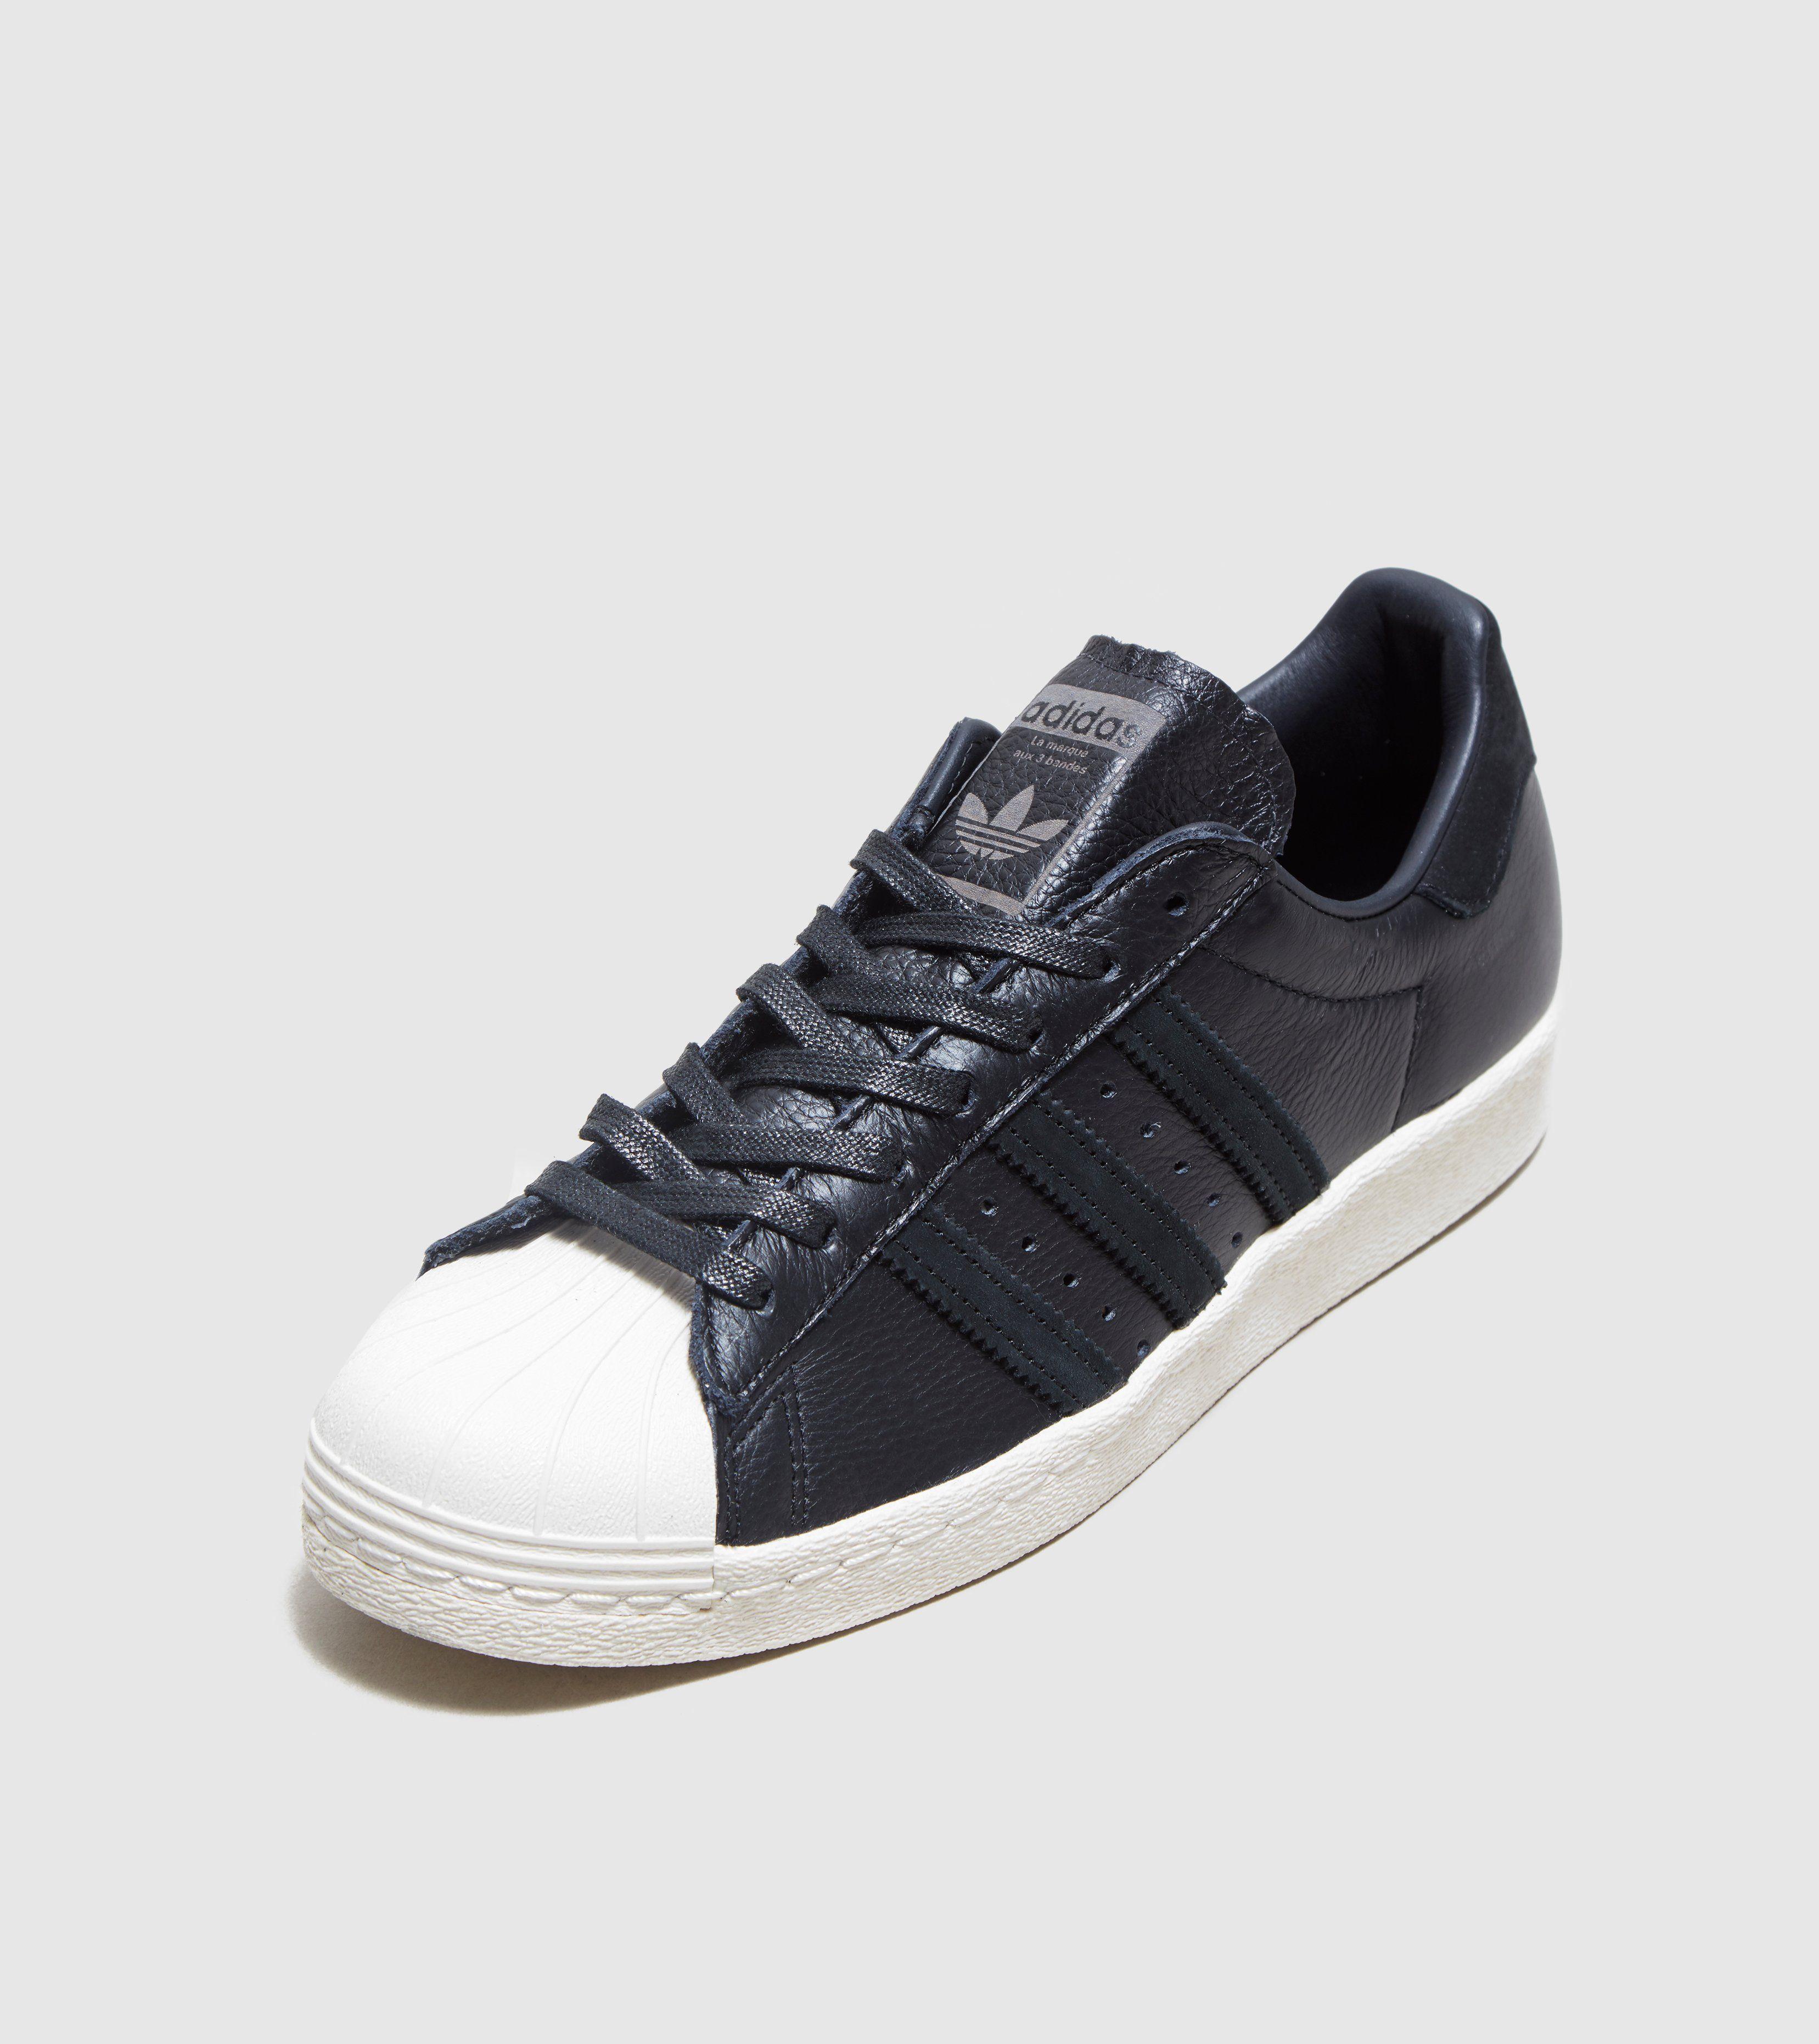 ¿Adidas Originals Superstar 80 tamaño?¿Exclusivo de tamaño?